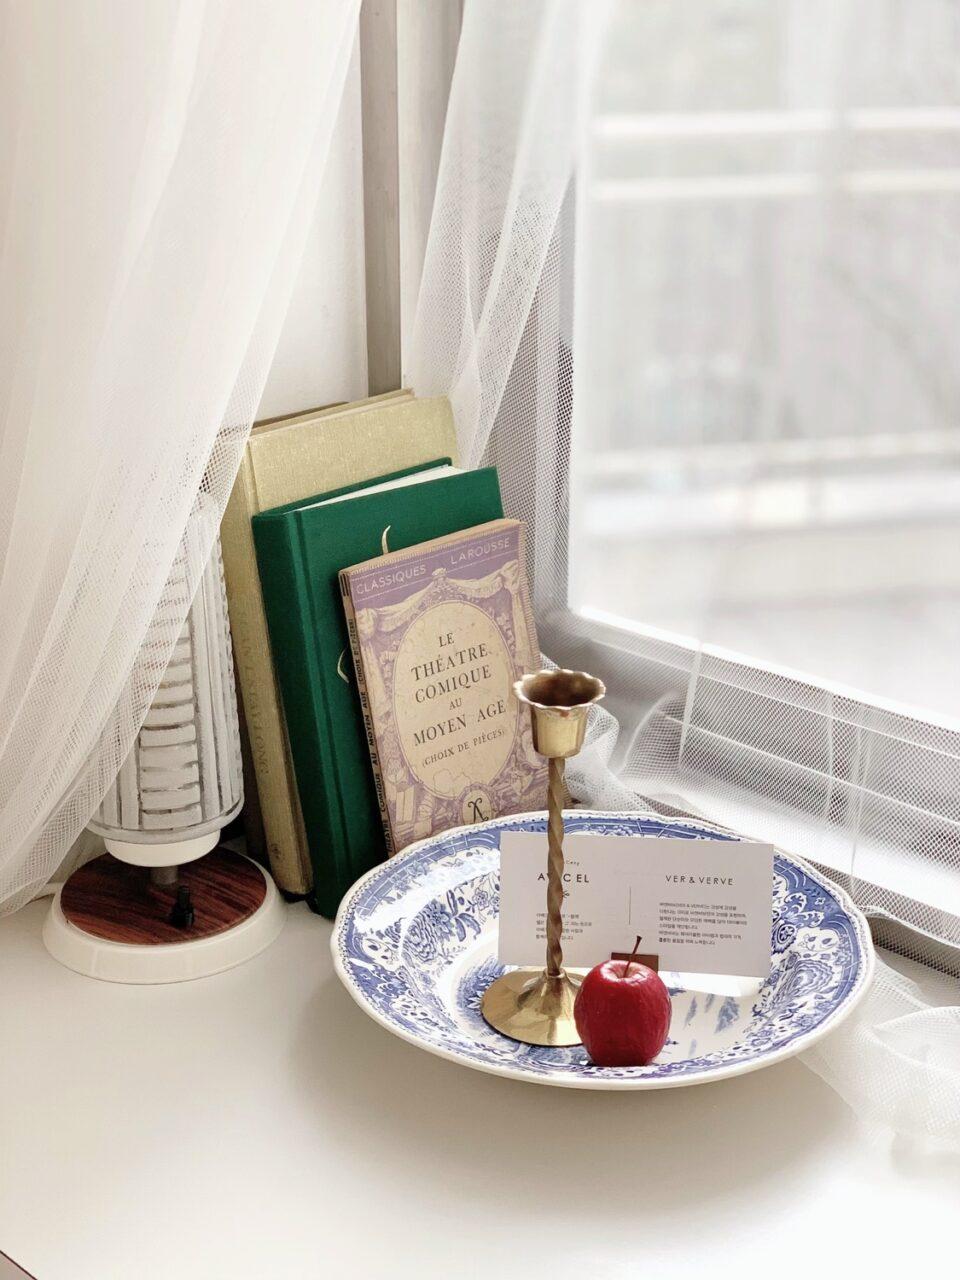 窓際に本が複数立てかけられ、手前にお皿が1枚ある